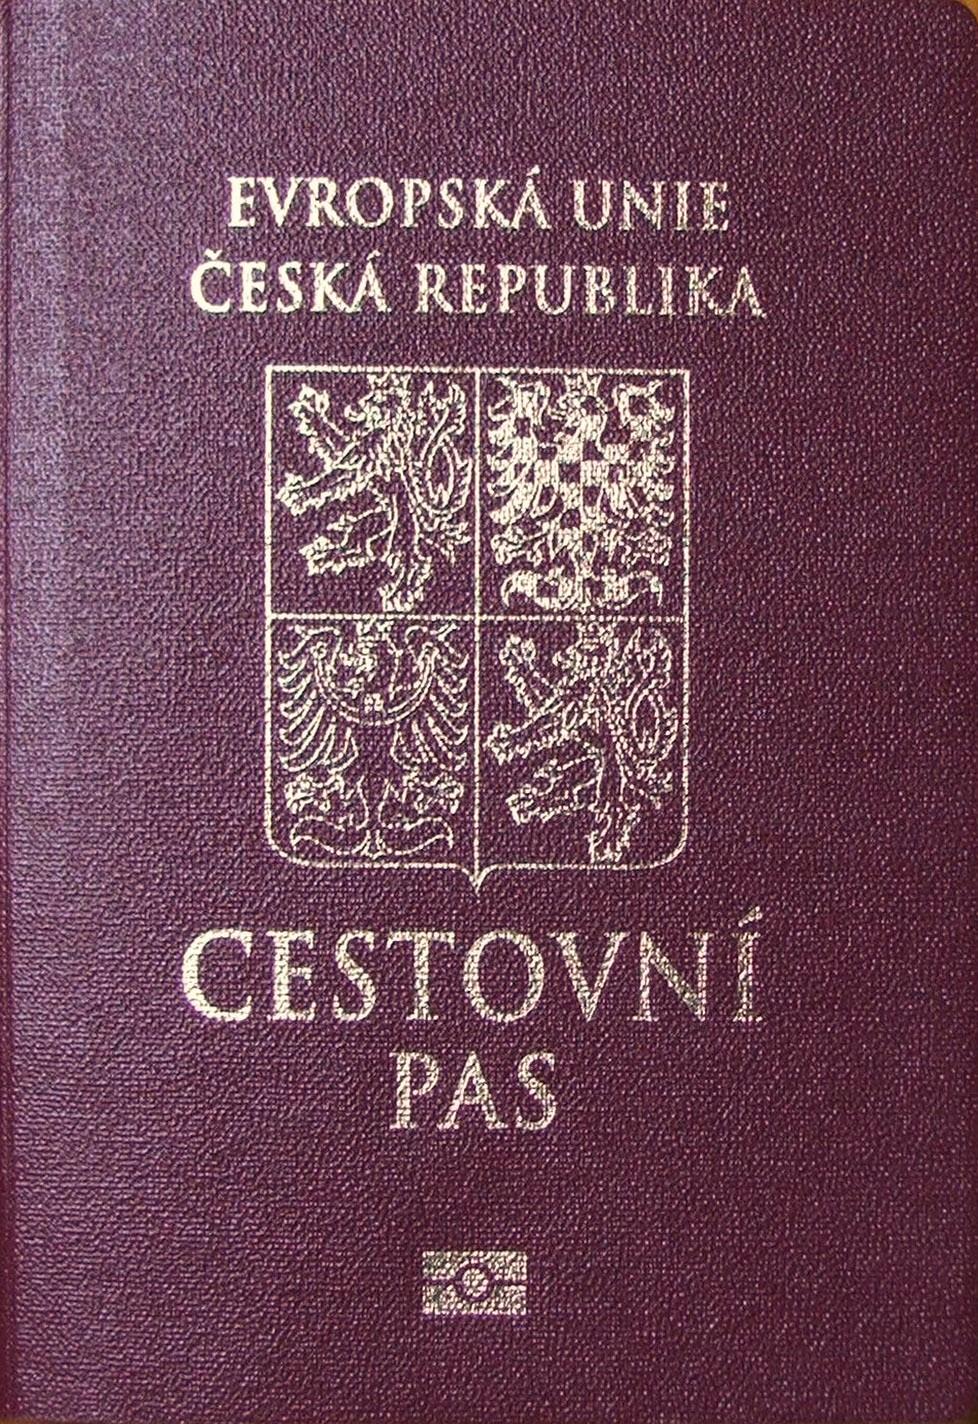 Czech passport holders